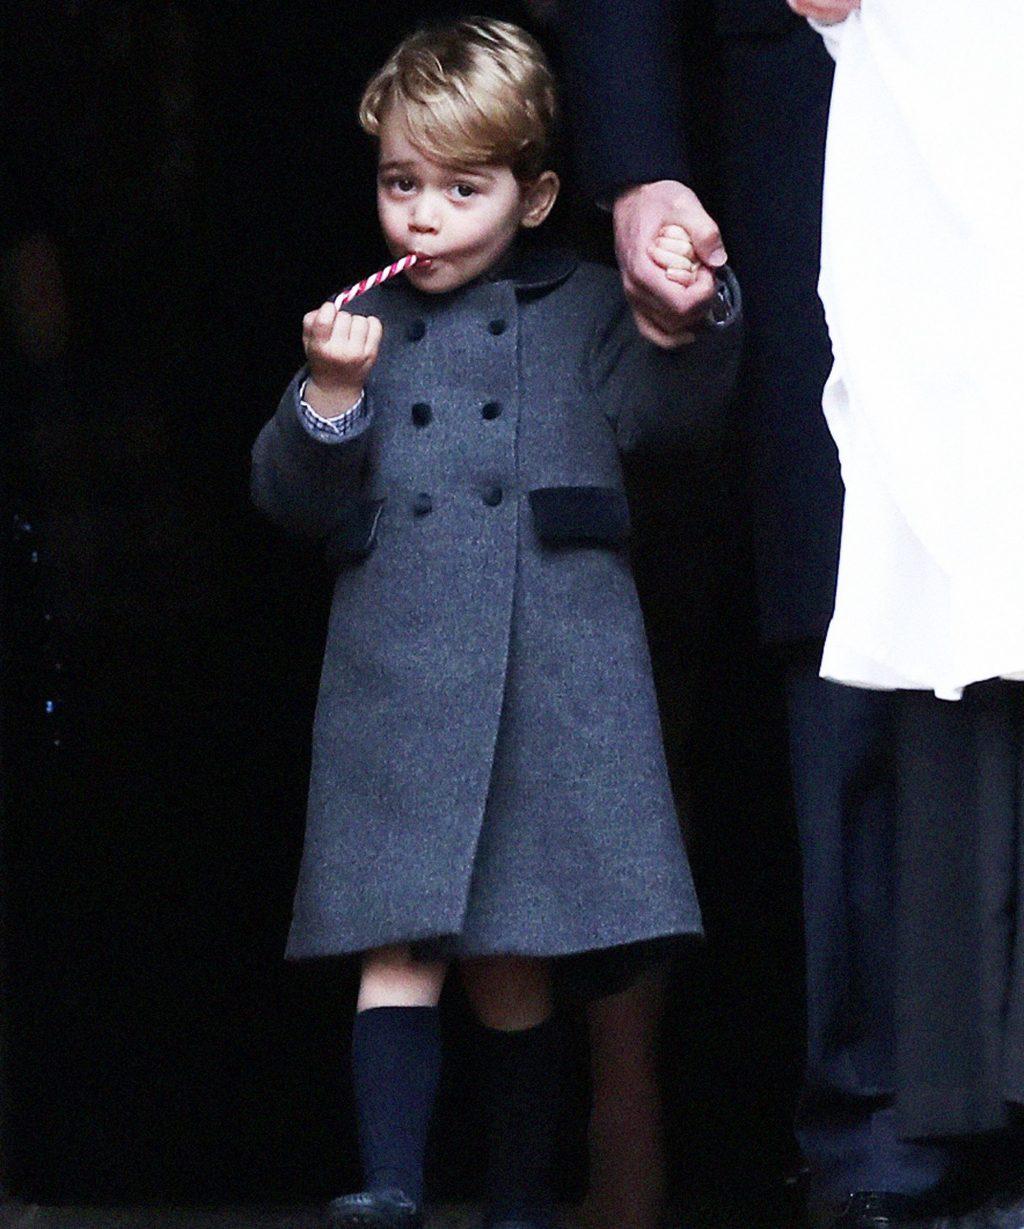 hoàng tử george mặc áo khoác dạ màu xám